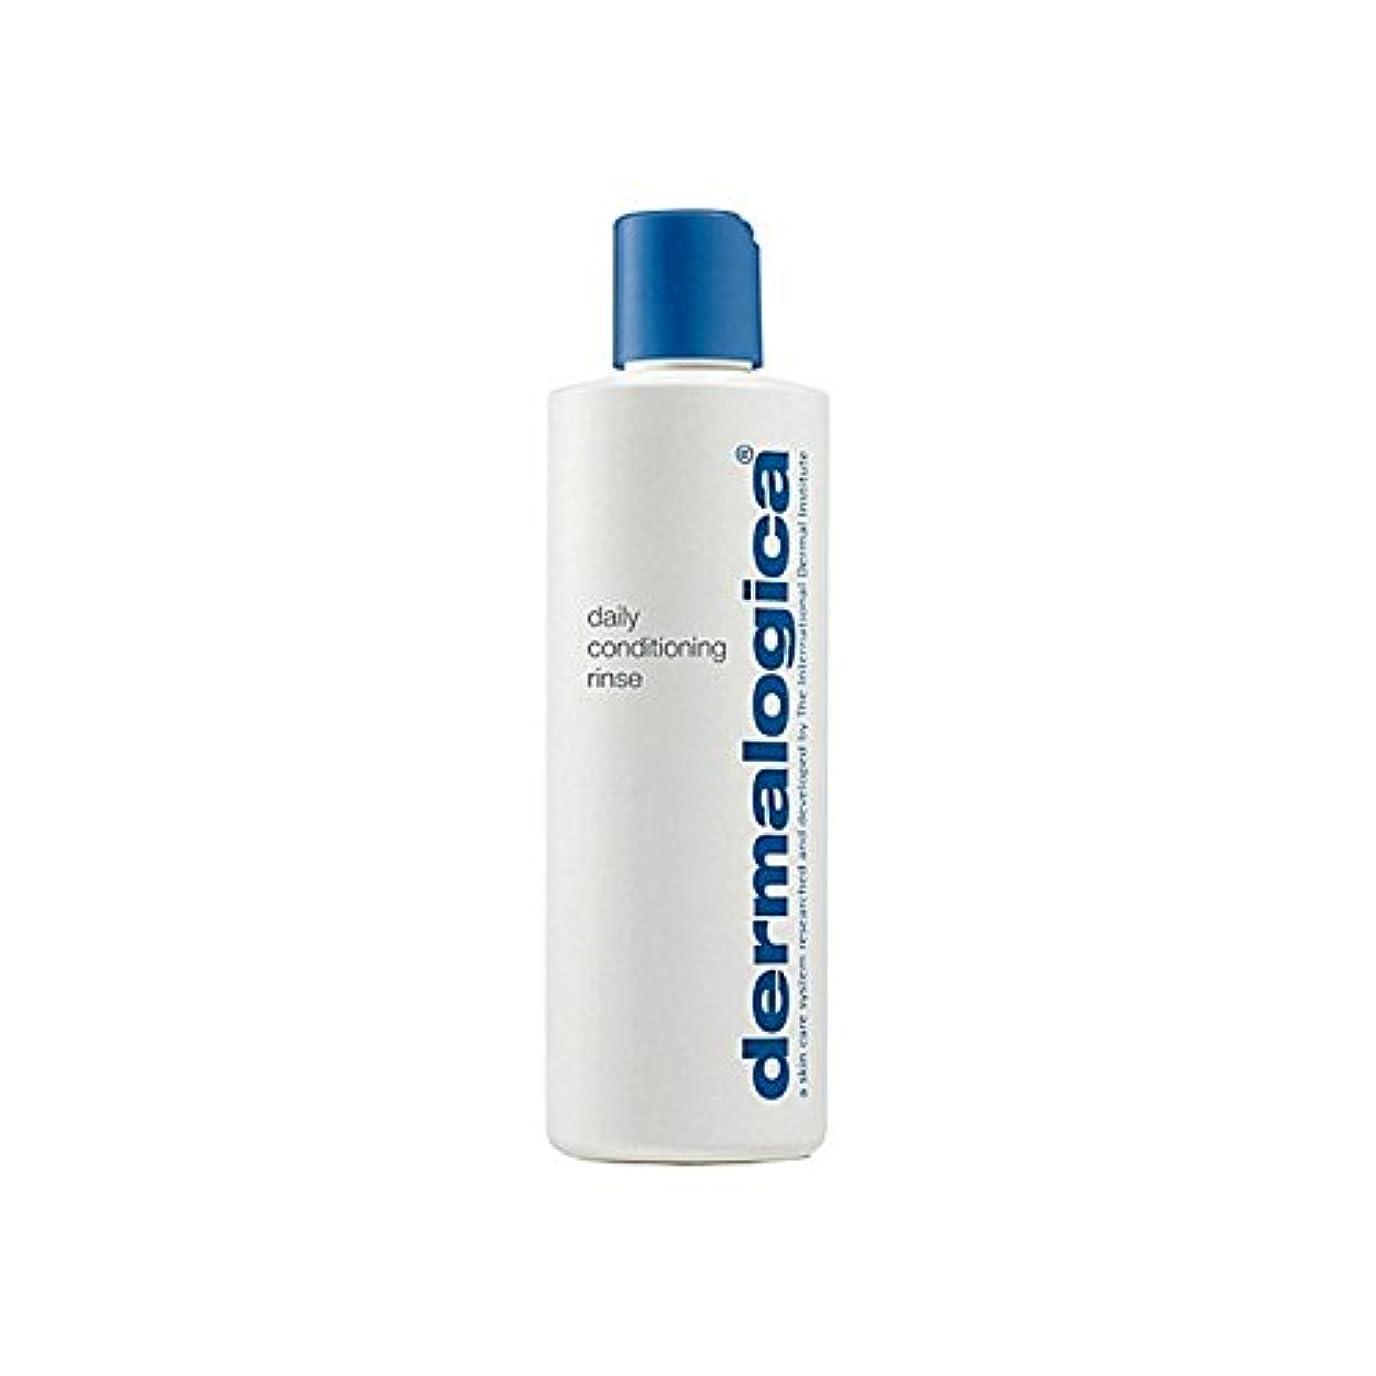 トラクター温度仮定Dermalogica Daily Conditioning Rinse 50ml - ダーマロジカ毎日コンディショニングリンス50ミリリットル [並行輸入品]